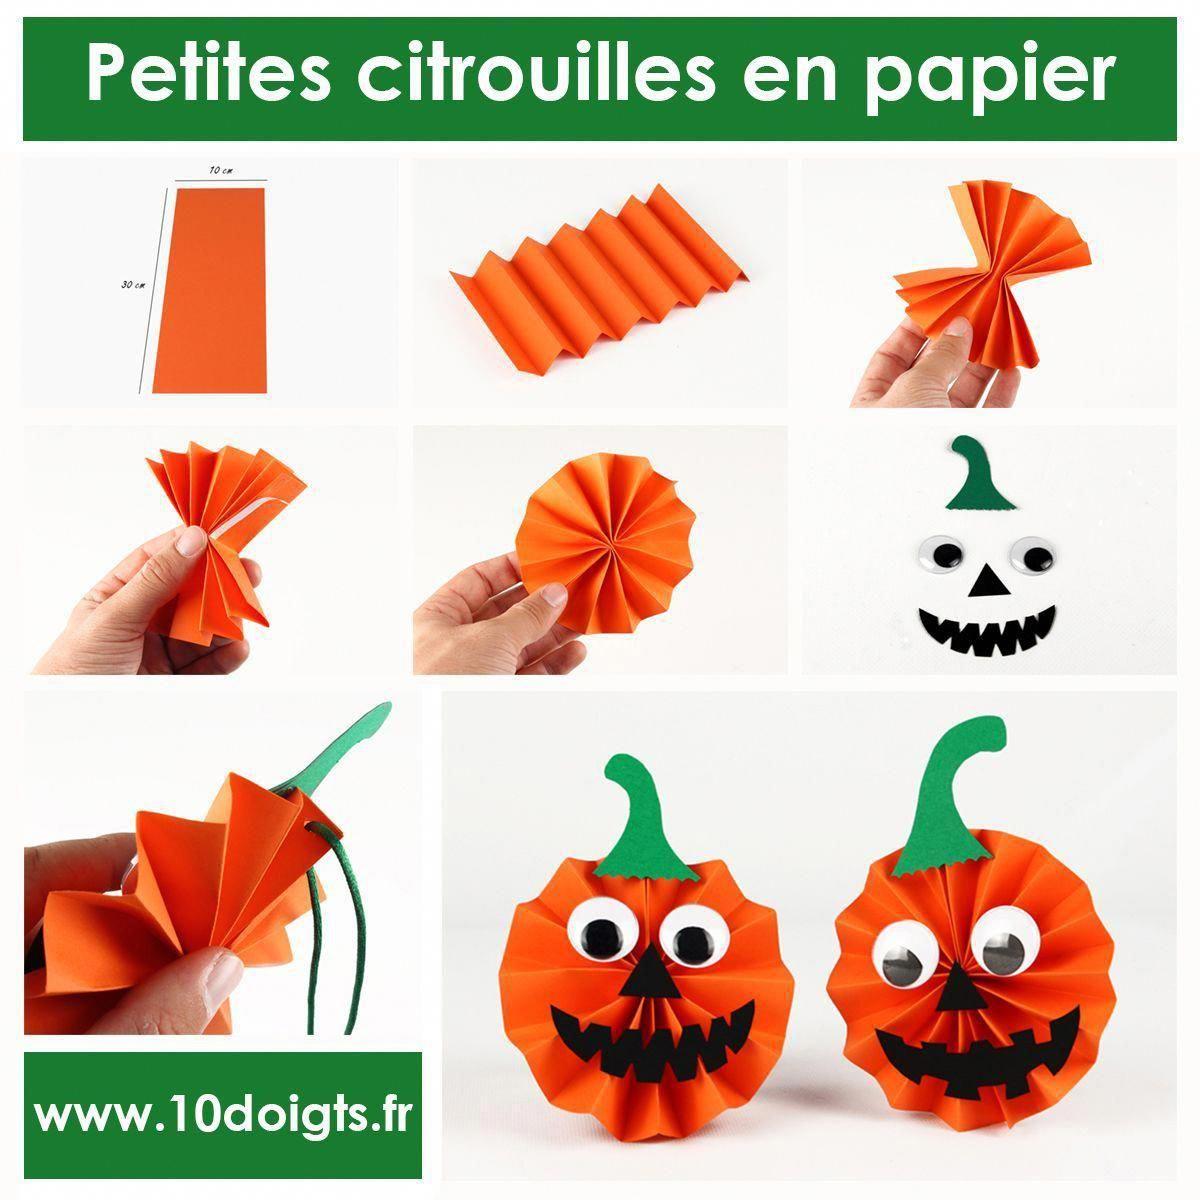 Petites citrouilles en papier - Activités enfantines - 10 Doigts #citrouilleenpapier